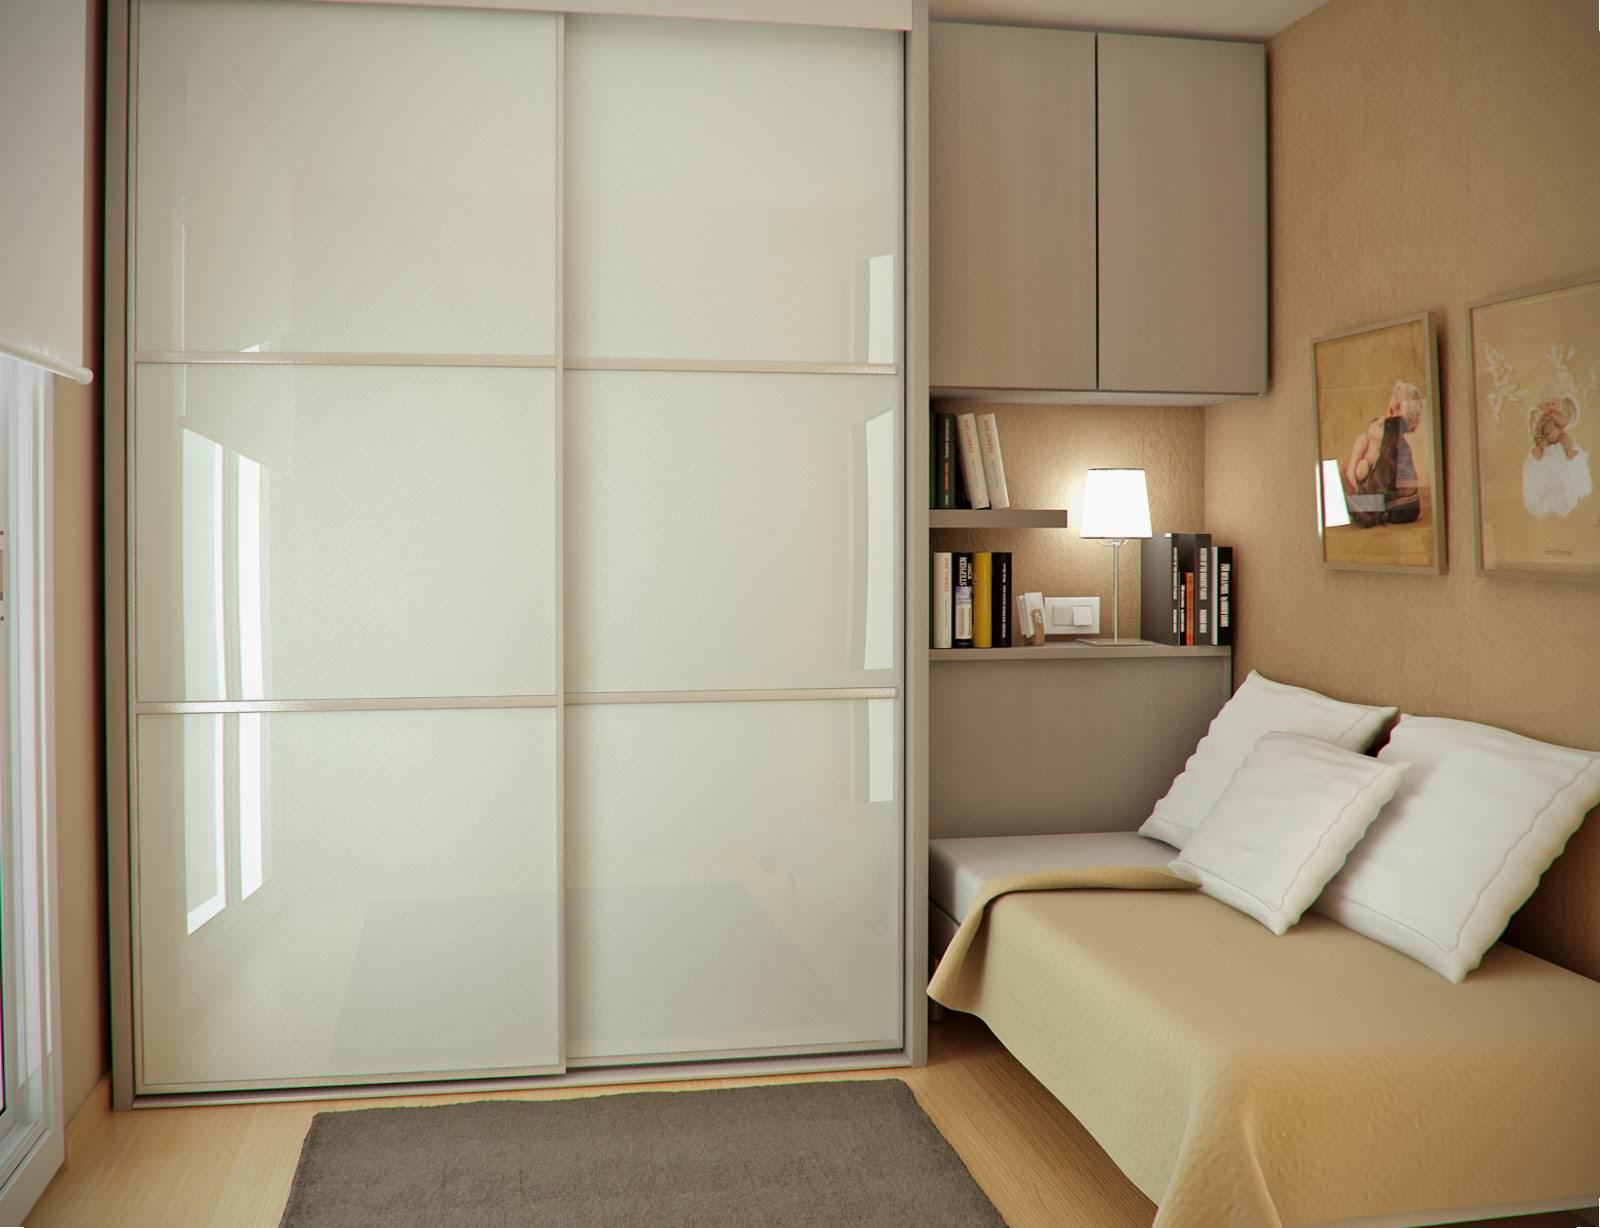 Шкаф-купе 2 двери (13) стекло Oracal белое